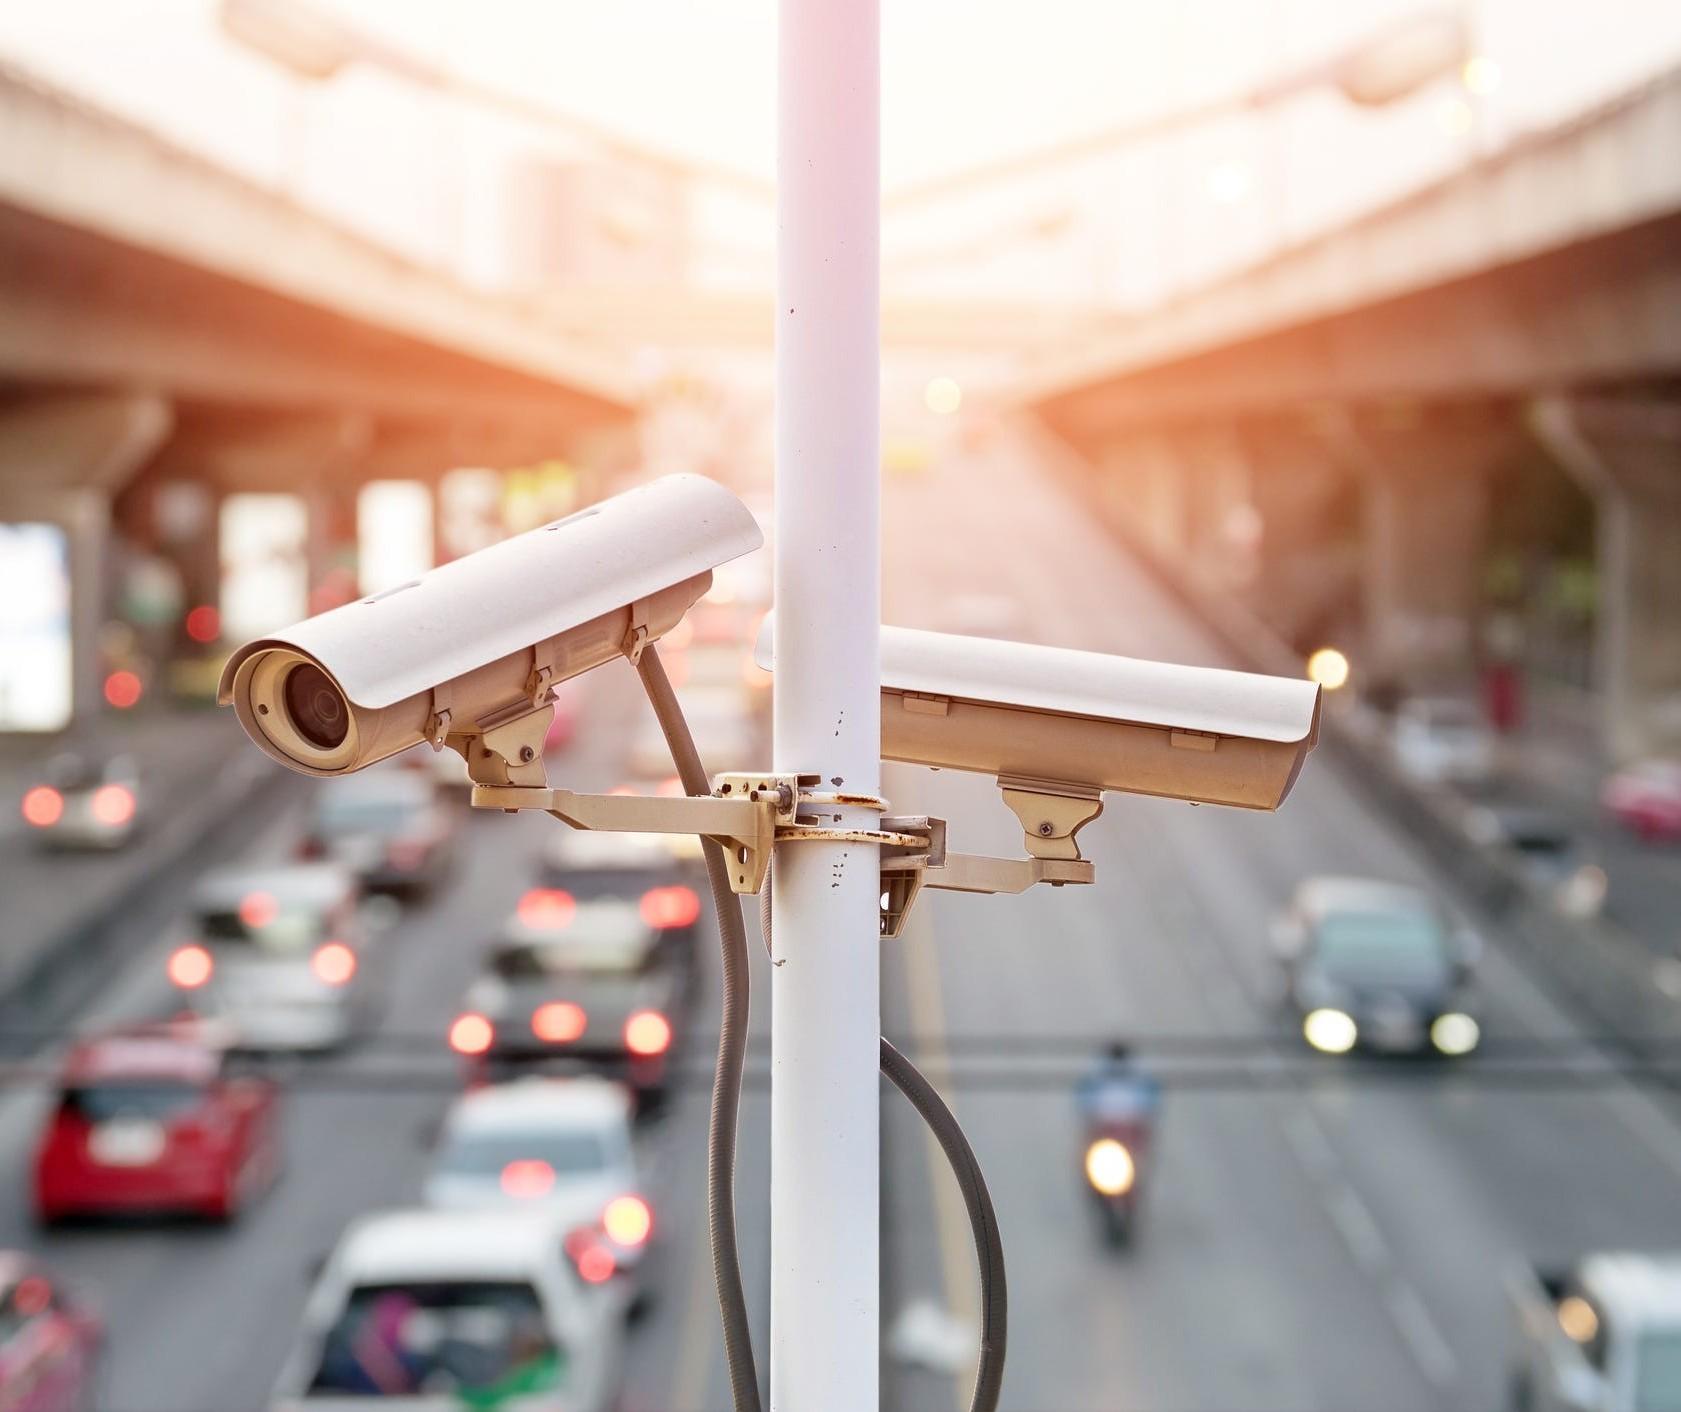 Ouvintes questionam contratação de empresa para monitorar trânsito